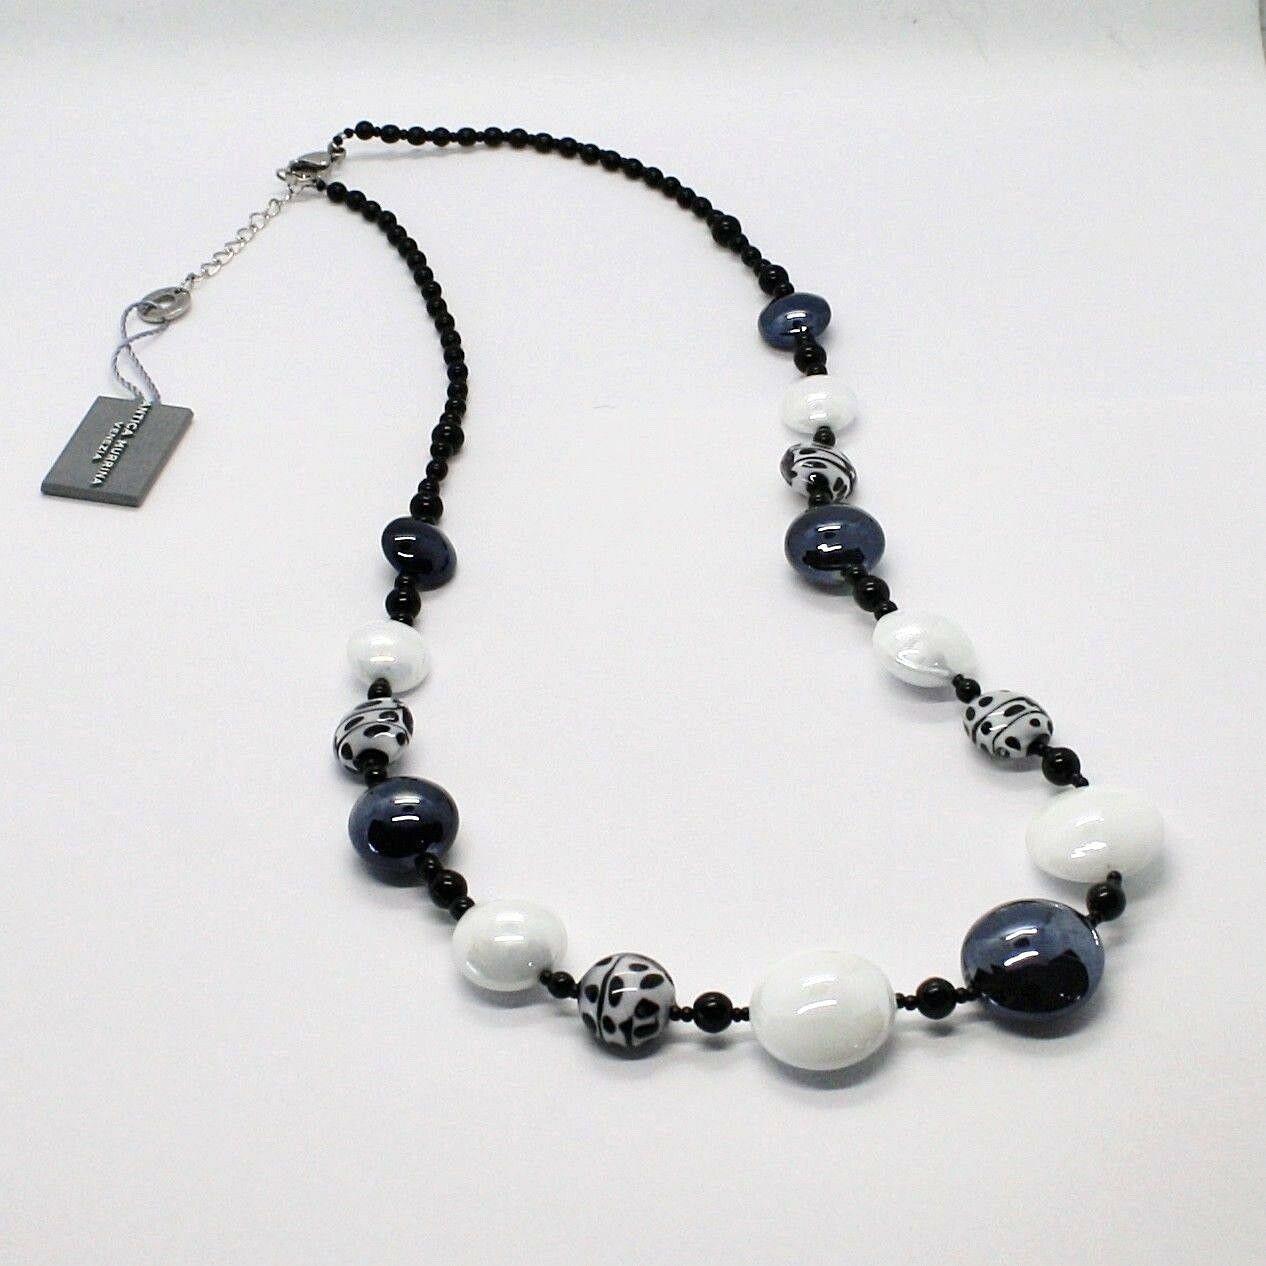 NECKLACE ANTICA MURRINA VENEZIA WITH MURANO GLASS WHITE BLACK GRAY COA38A15